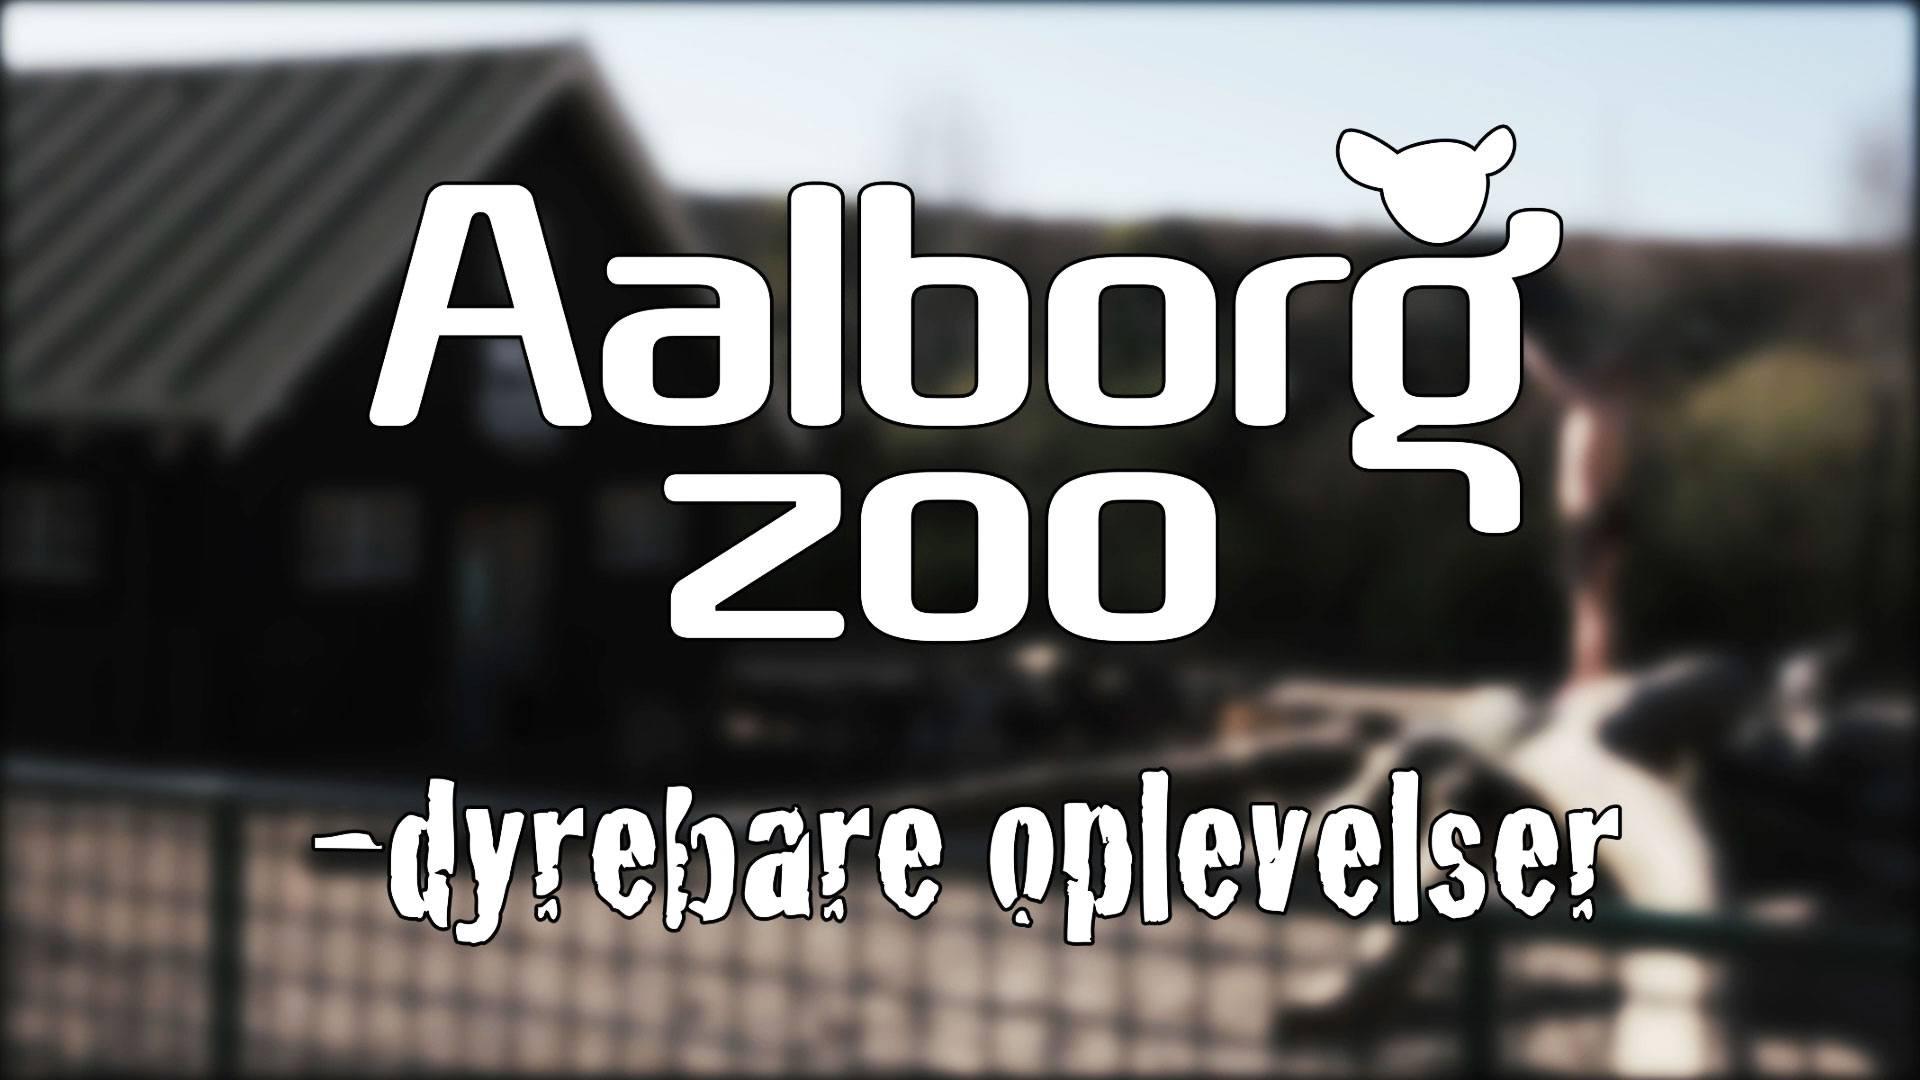 C skål Aalborg Zoo